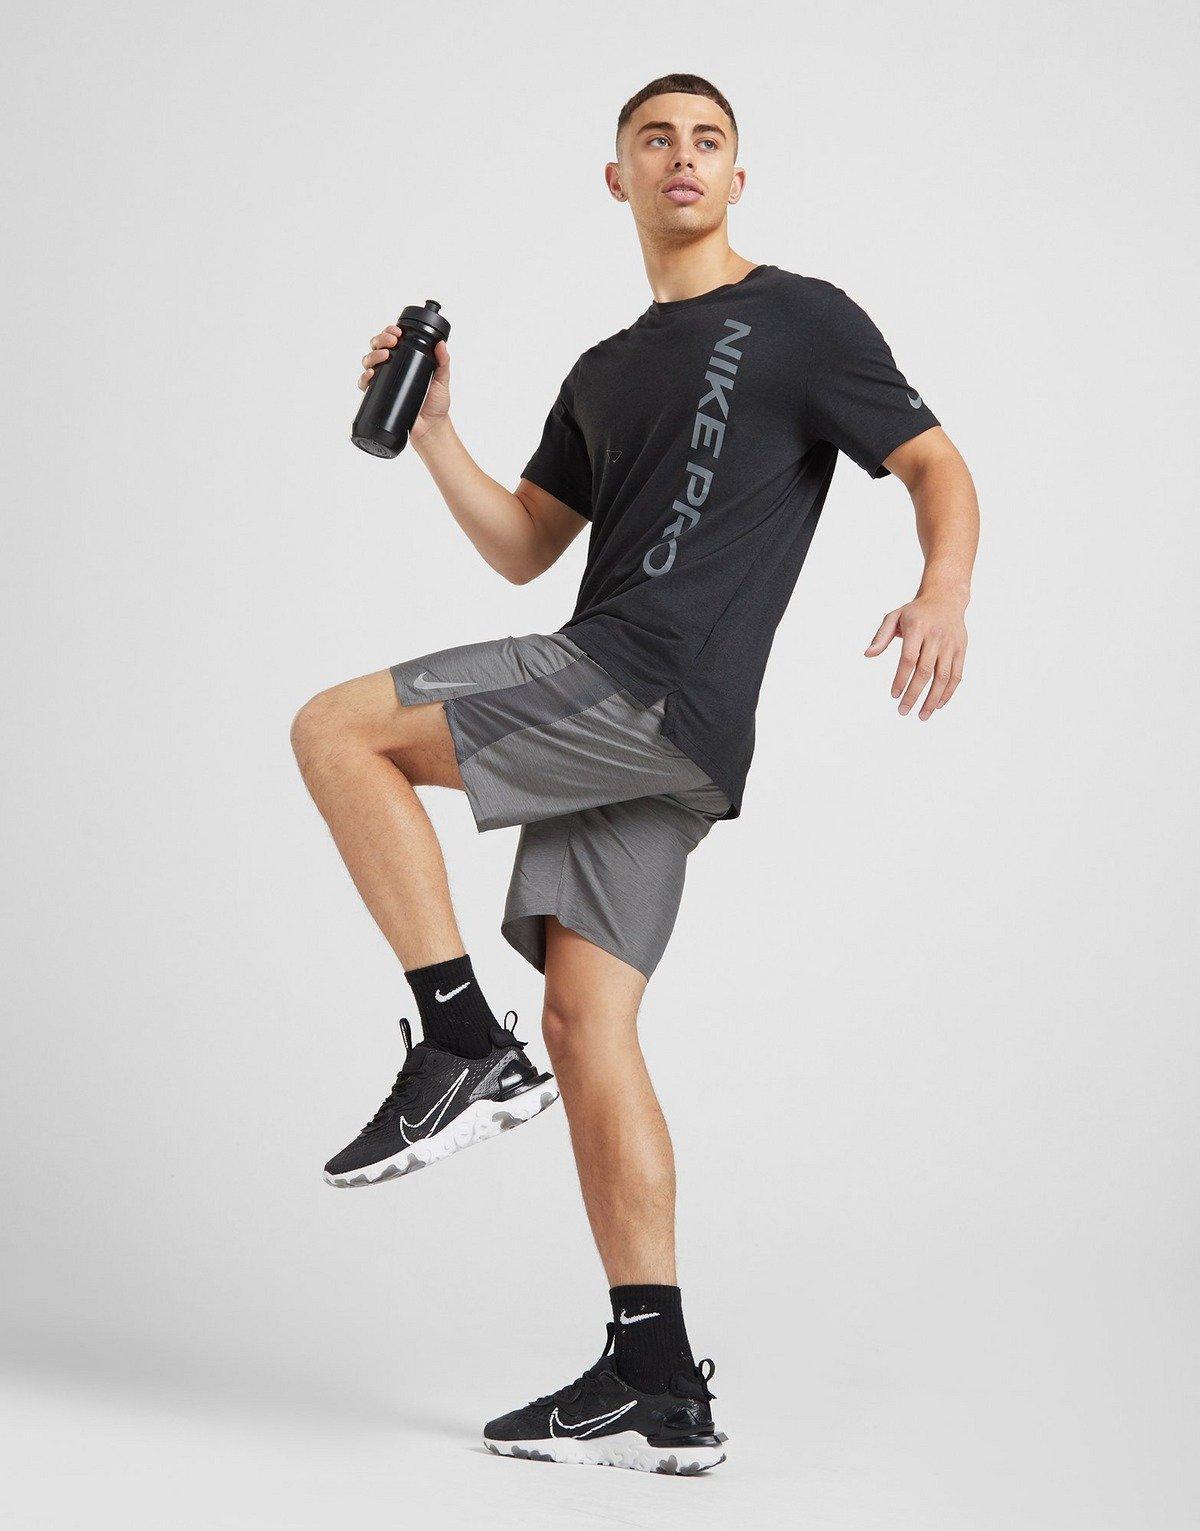 Nike musica da allenamento